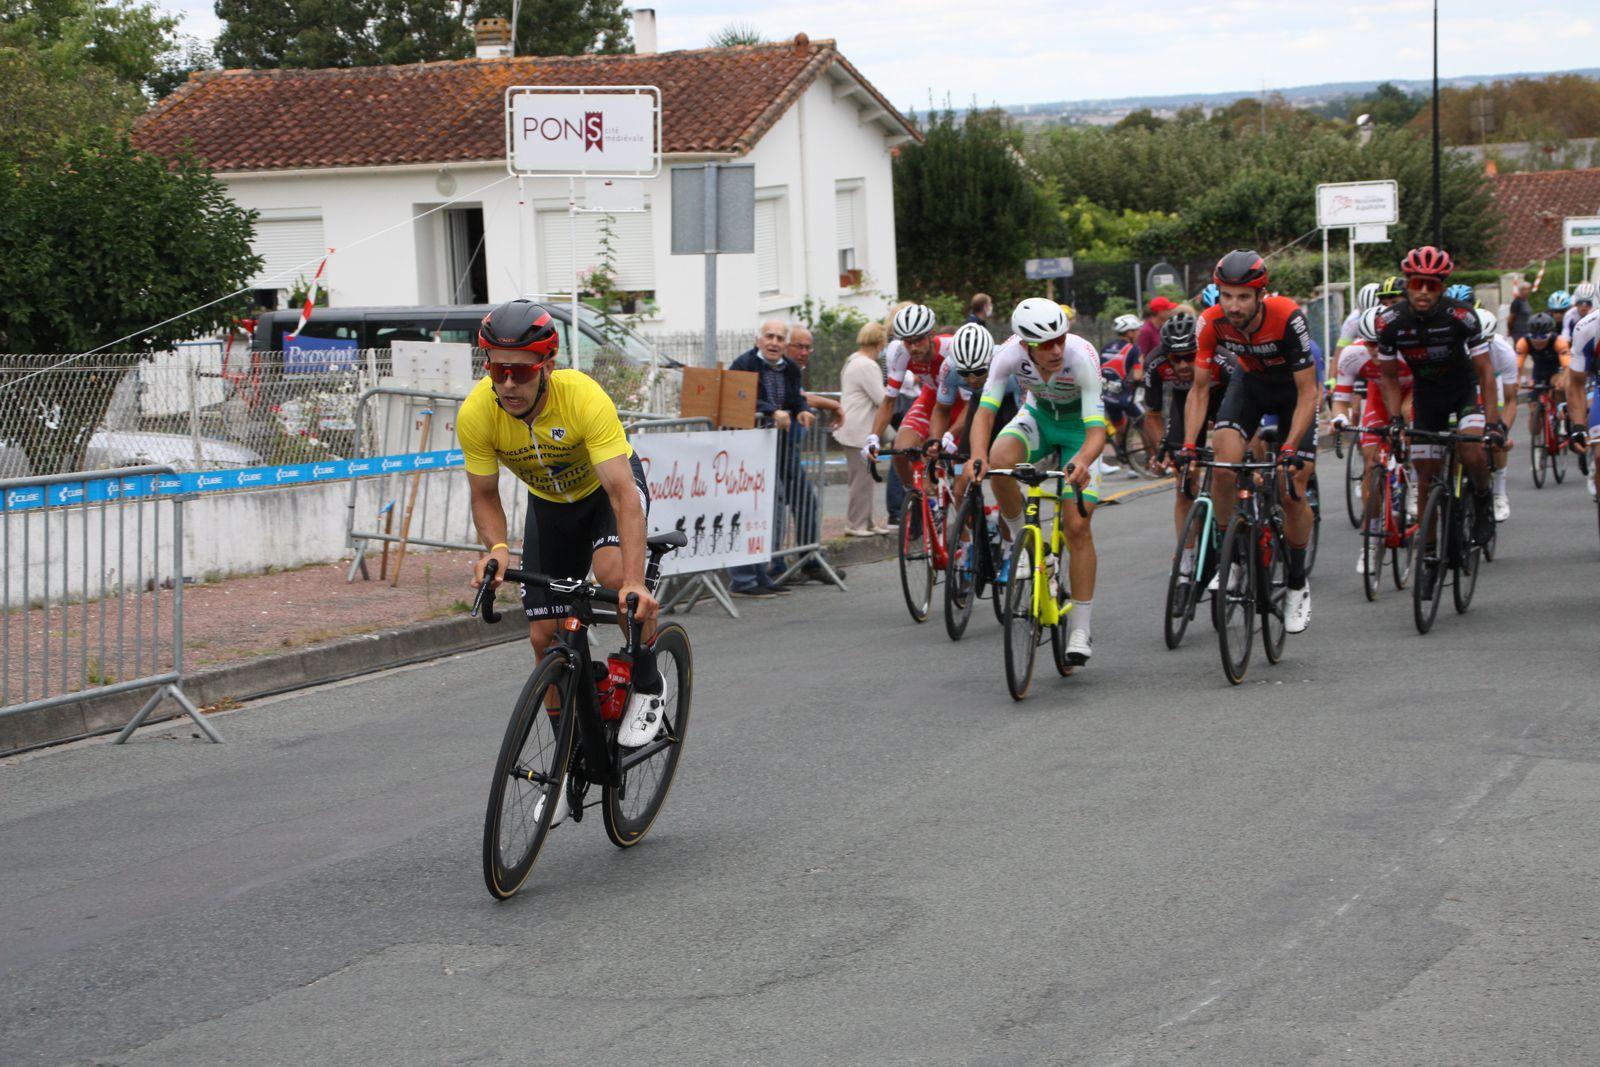 Fin  du  5e  tour  ils sont  6  en  tête, derriére  Kilian  LARPE  tente de sortir  du  peloton